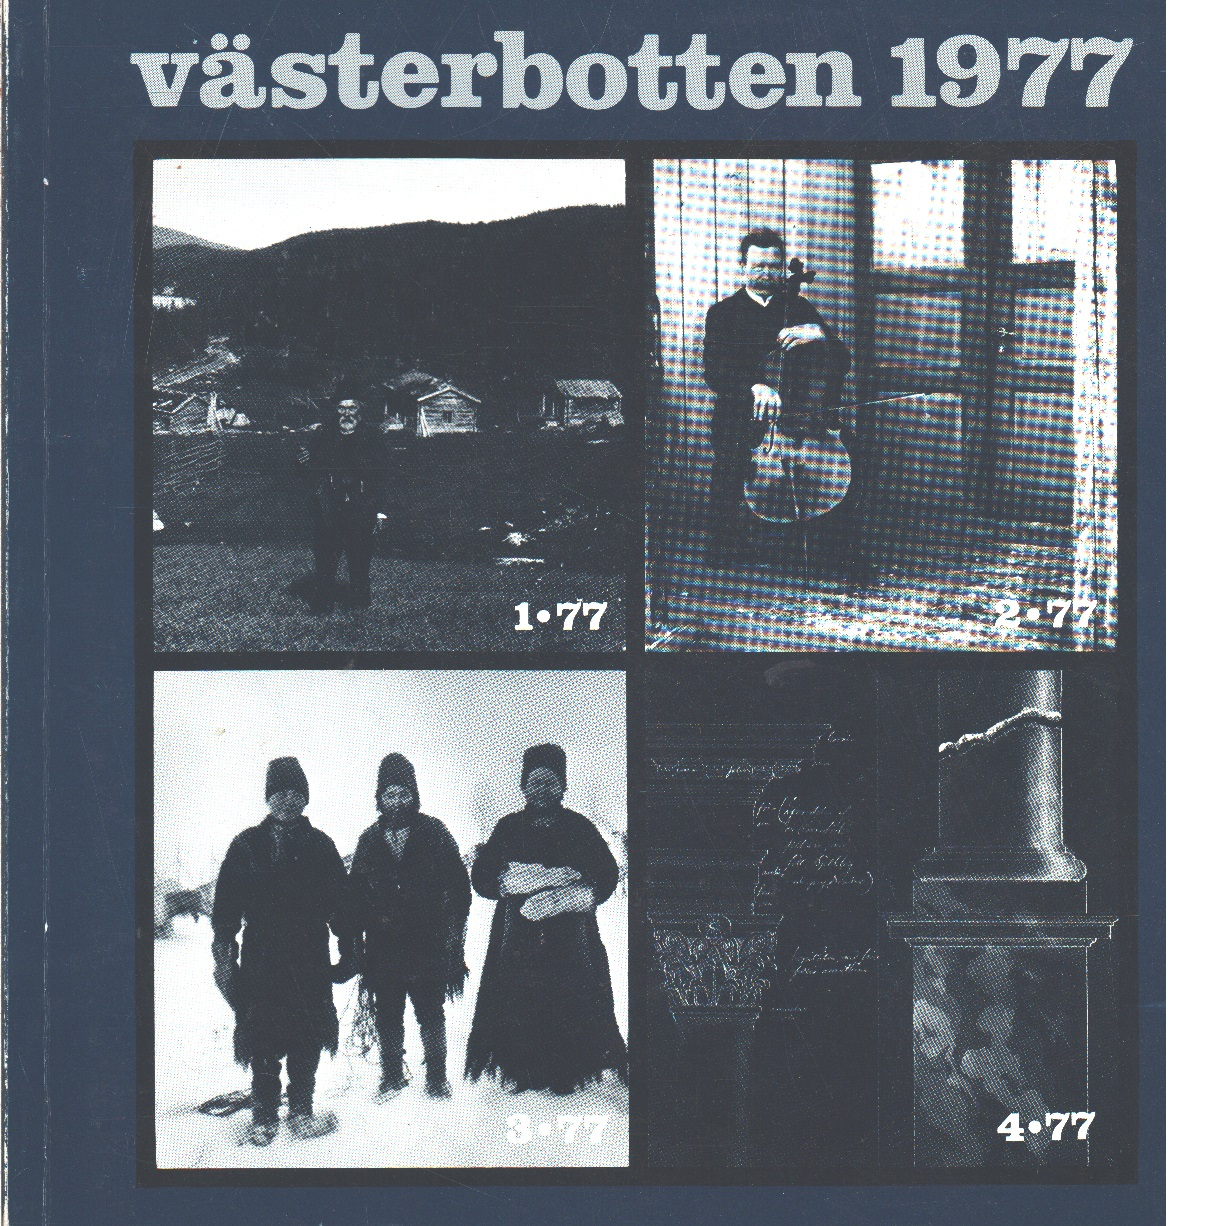 Västerbotten : Västerbottens läns hembygdsförenings årsbok 1977 - Red.